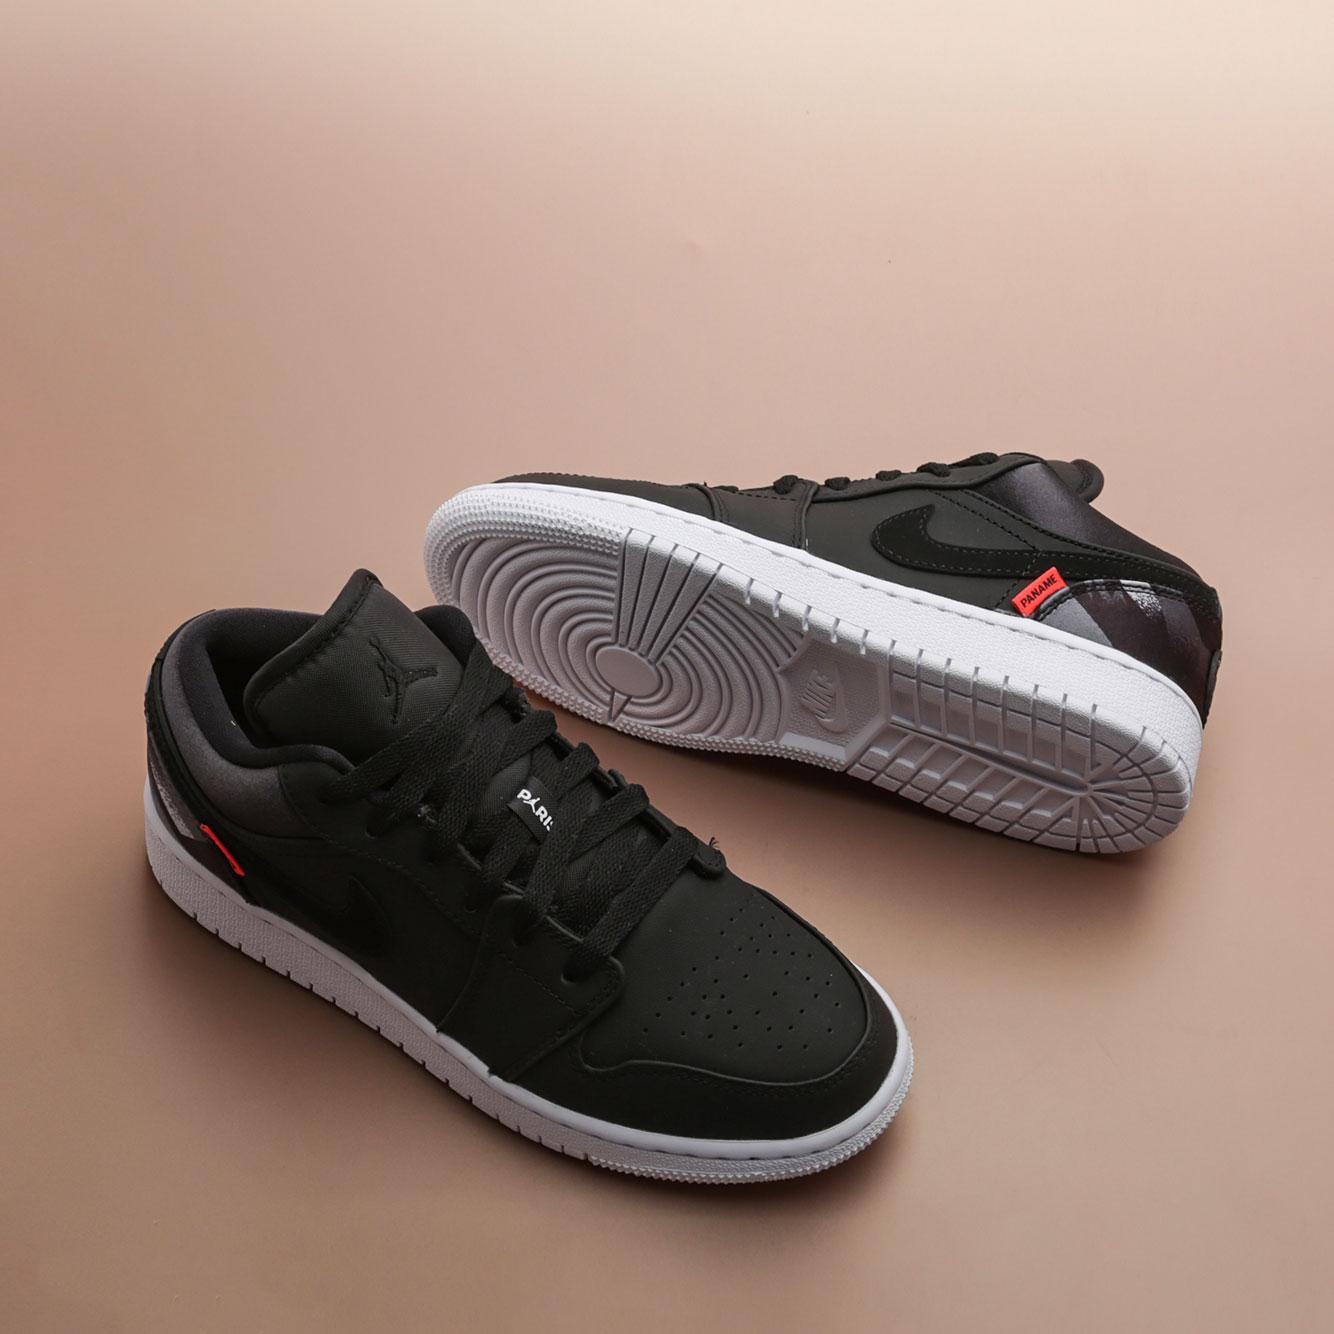 Кроссовки Jordan 1 Low PSG BG